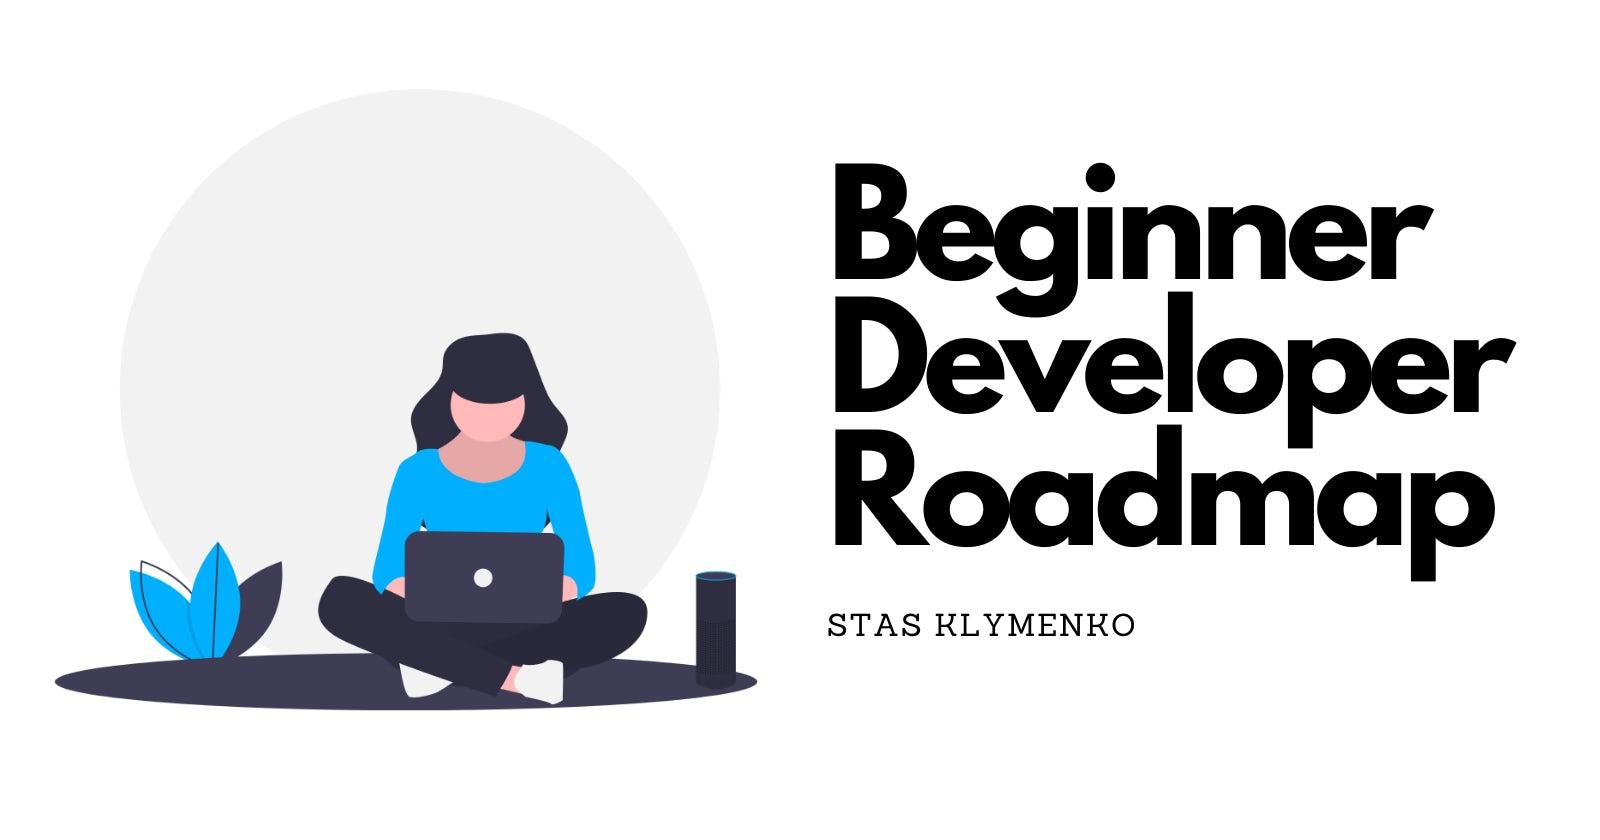 Beginner Developer Roadmap